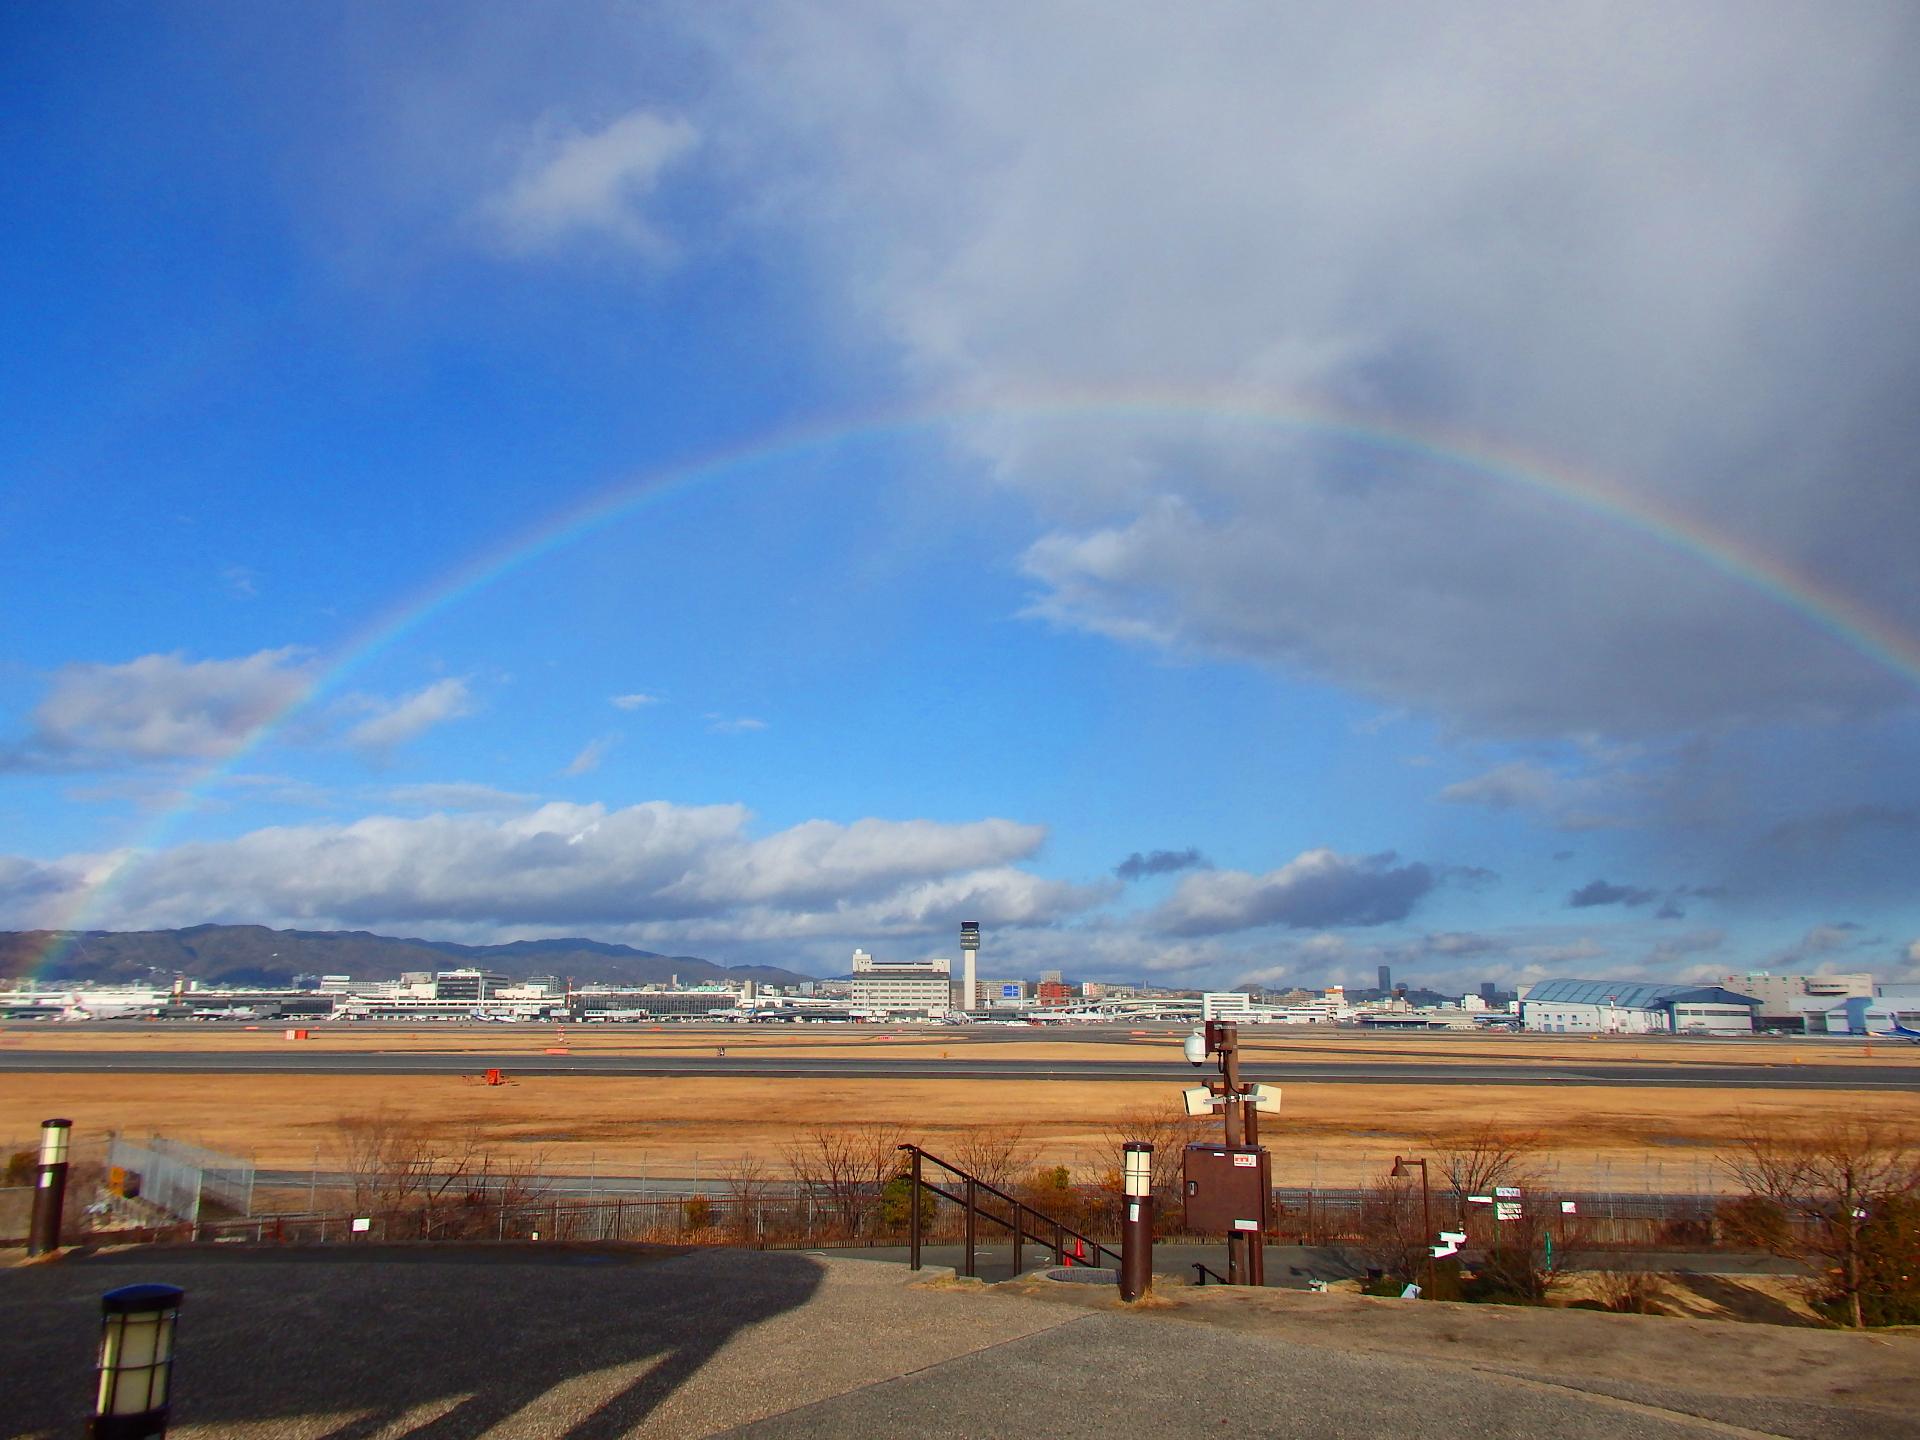 空港全体に虹が掛かりました。